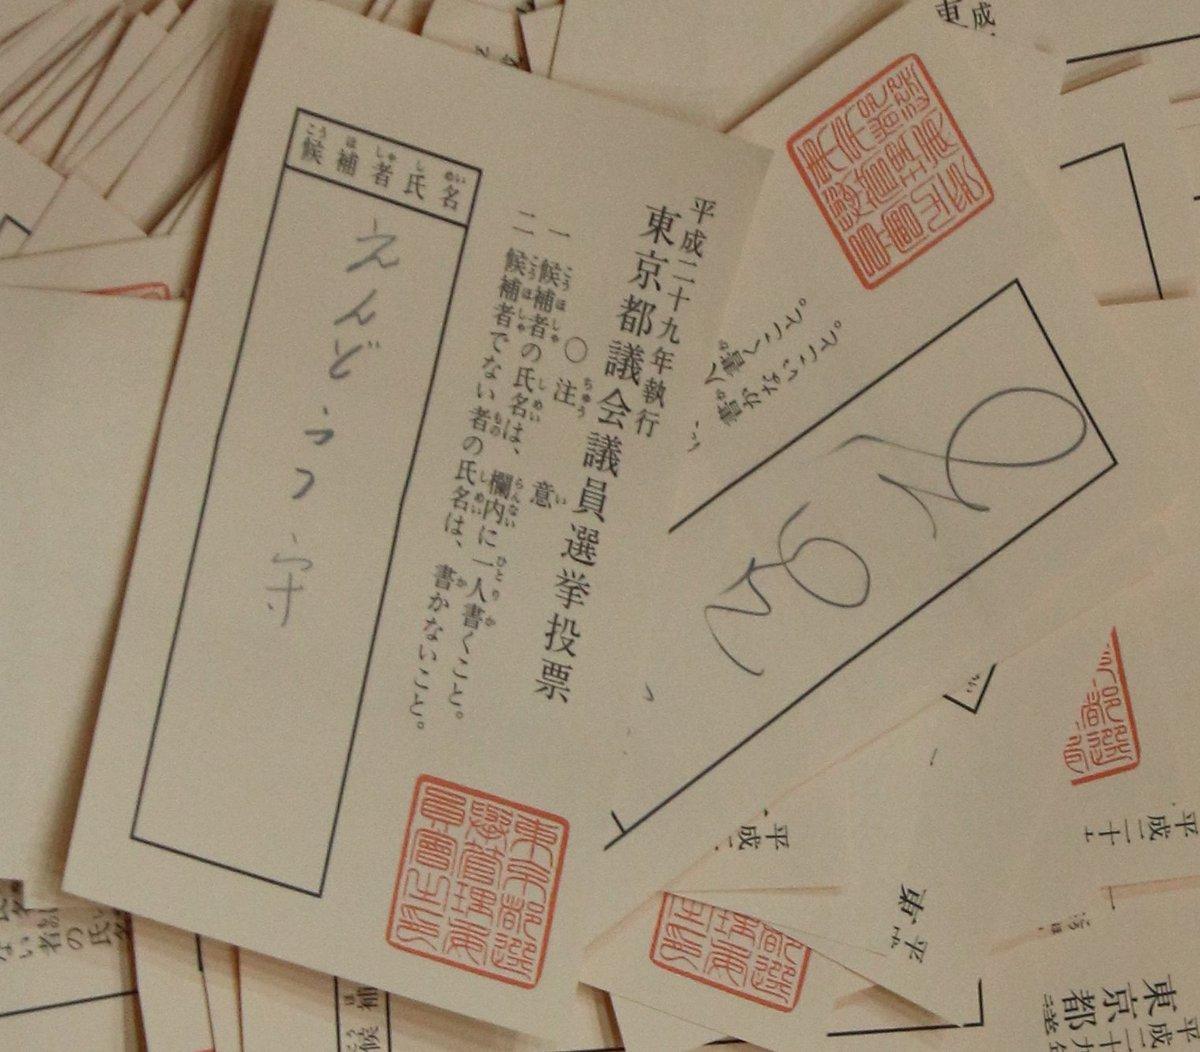 test ツイッターメディア - #nhkらじらー #あさイチ #世論 #国会 #政治 #永田町 #東京 #アメリカ #雑学 #選挙 #マスコミ 画像は昨年7.2都議選でした。 「えんどうフ」と「守」の筆圧が違い別人が書いています。 また、右票も異常です。 https://t.co/JB7c0qZkn8